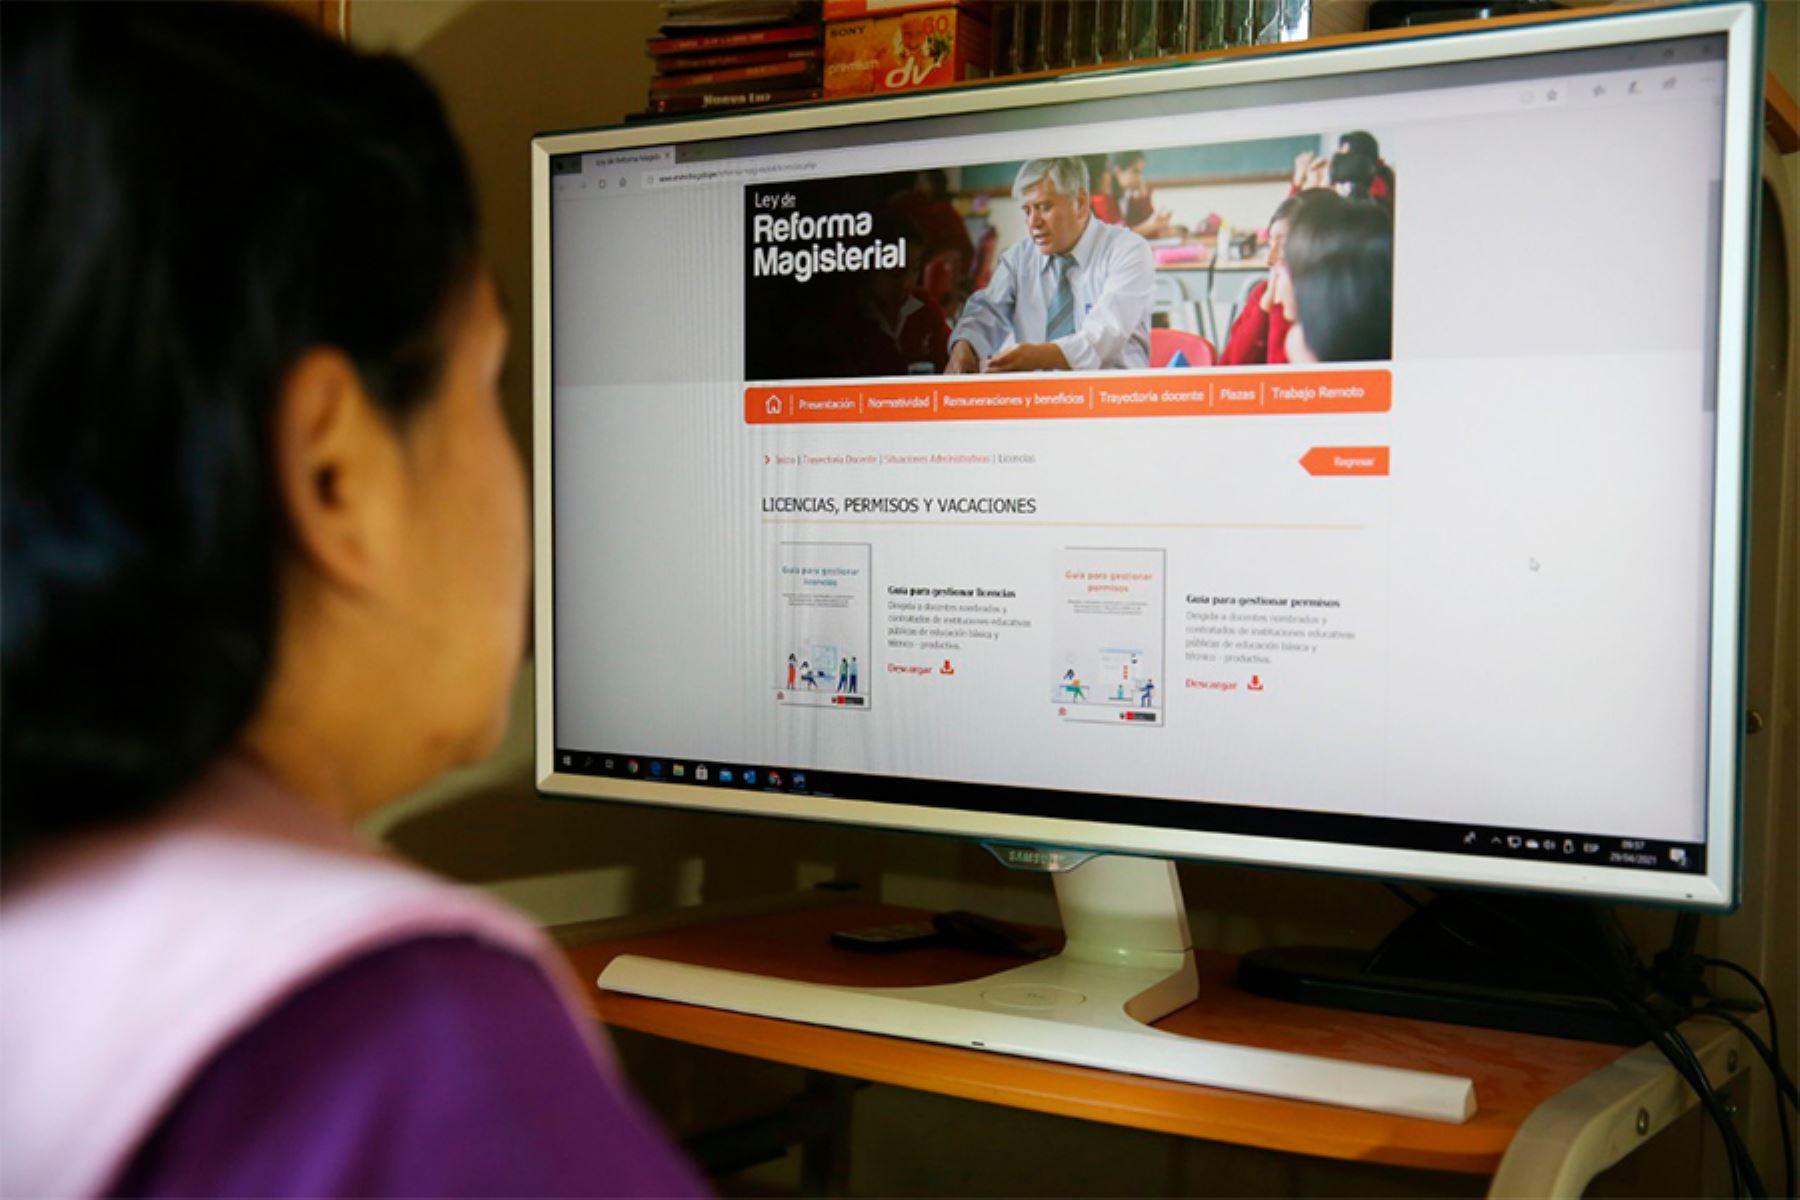 El Minedu viene implementando diversas medidas para facilitar los trámites y beneficios laborales de los docentes en el contexto de emergencia sanitaria por el Covid-19. Foto: ANDINA/Minedu